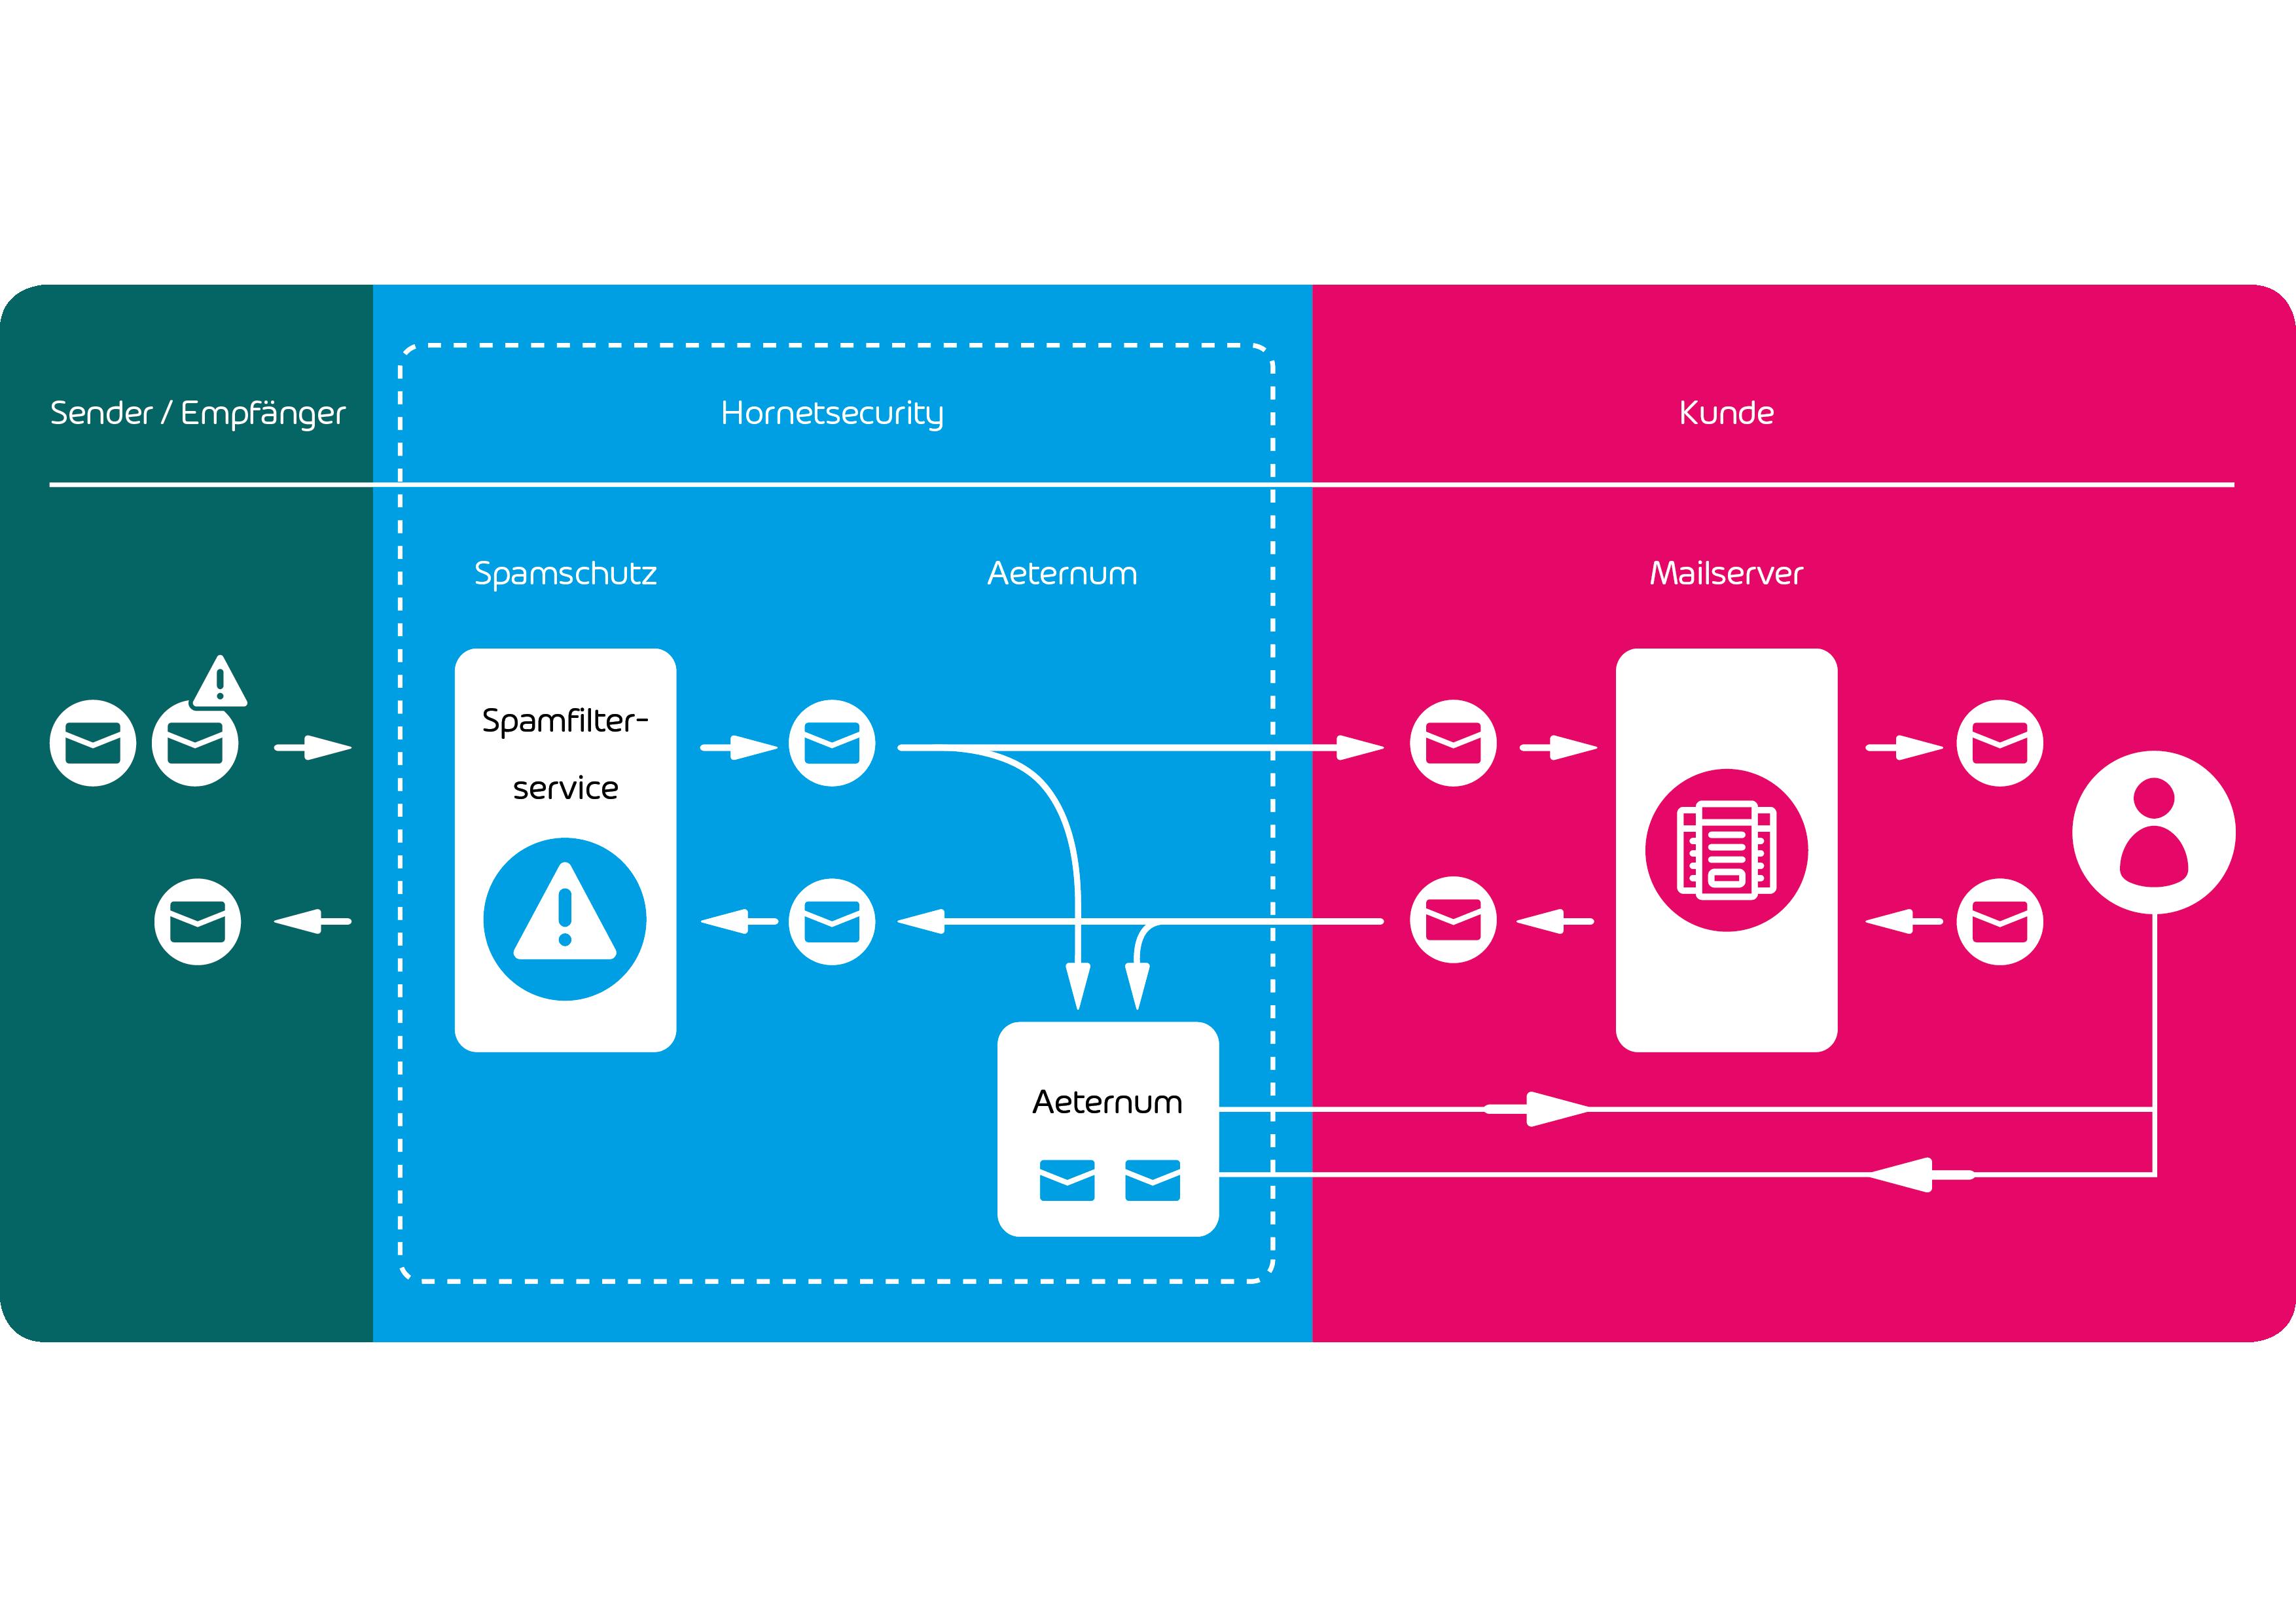 E-Mail Archivierung Schaubild zur Erläuterung der Funktionsweise